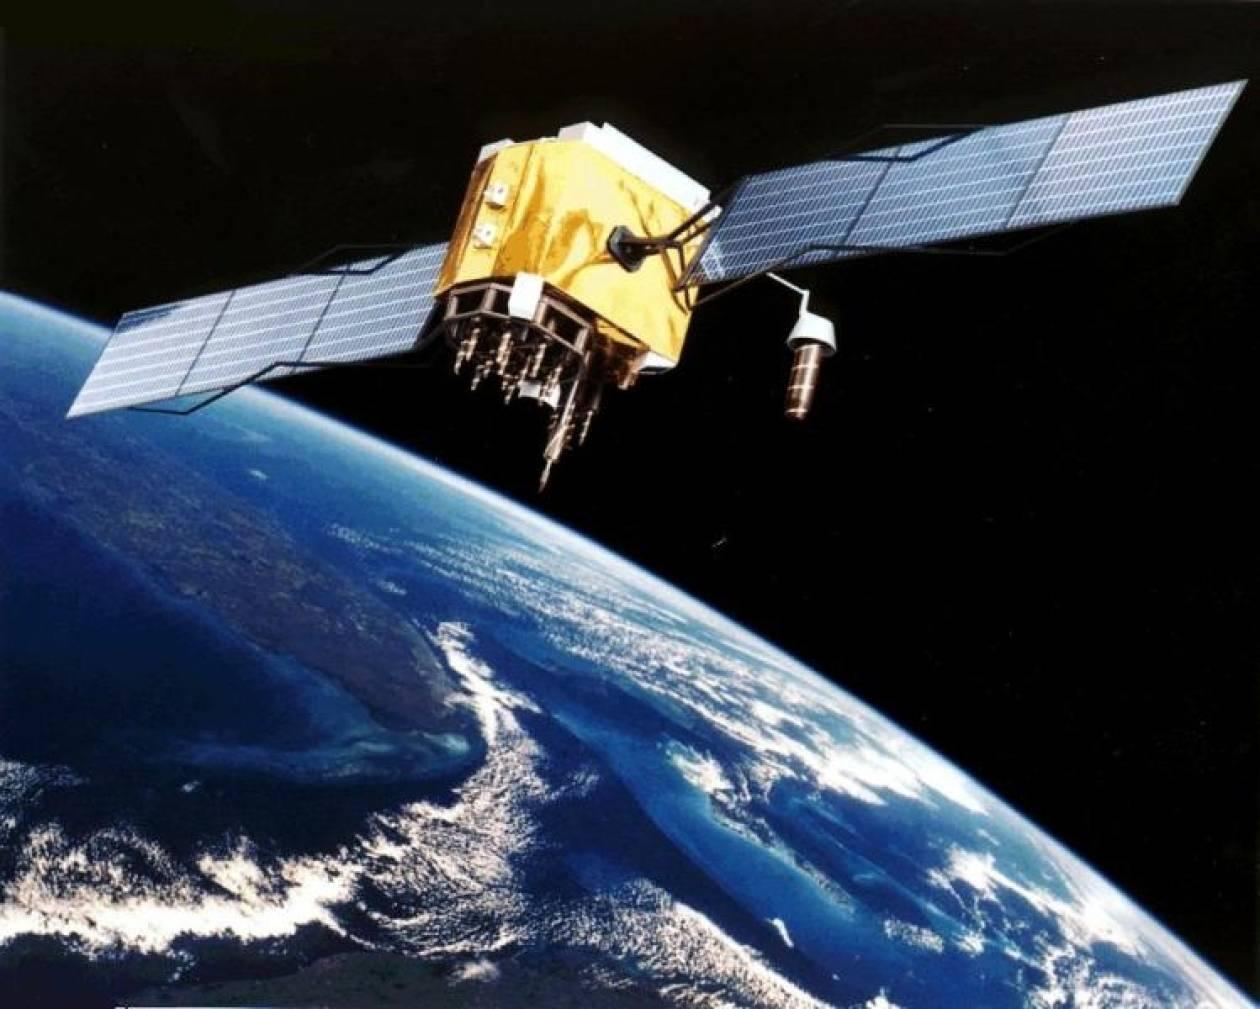 Επίθεση από χάκερς σε δορυφόρους των ΗΠΑ